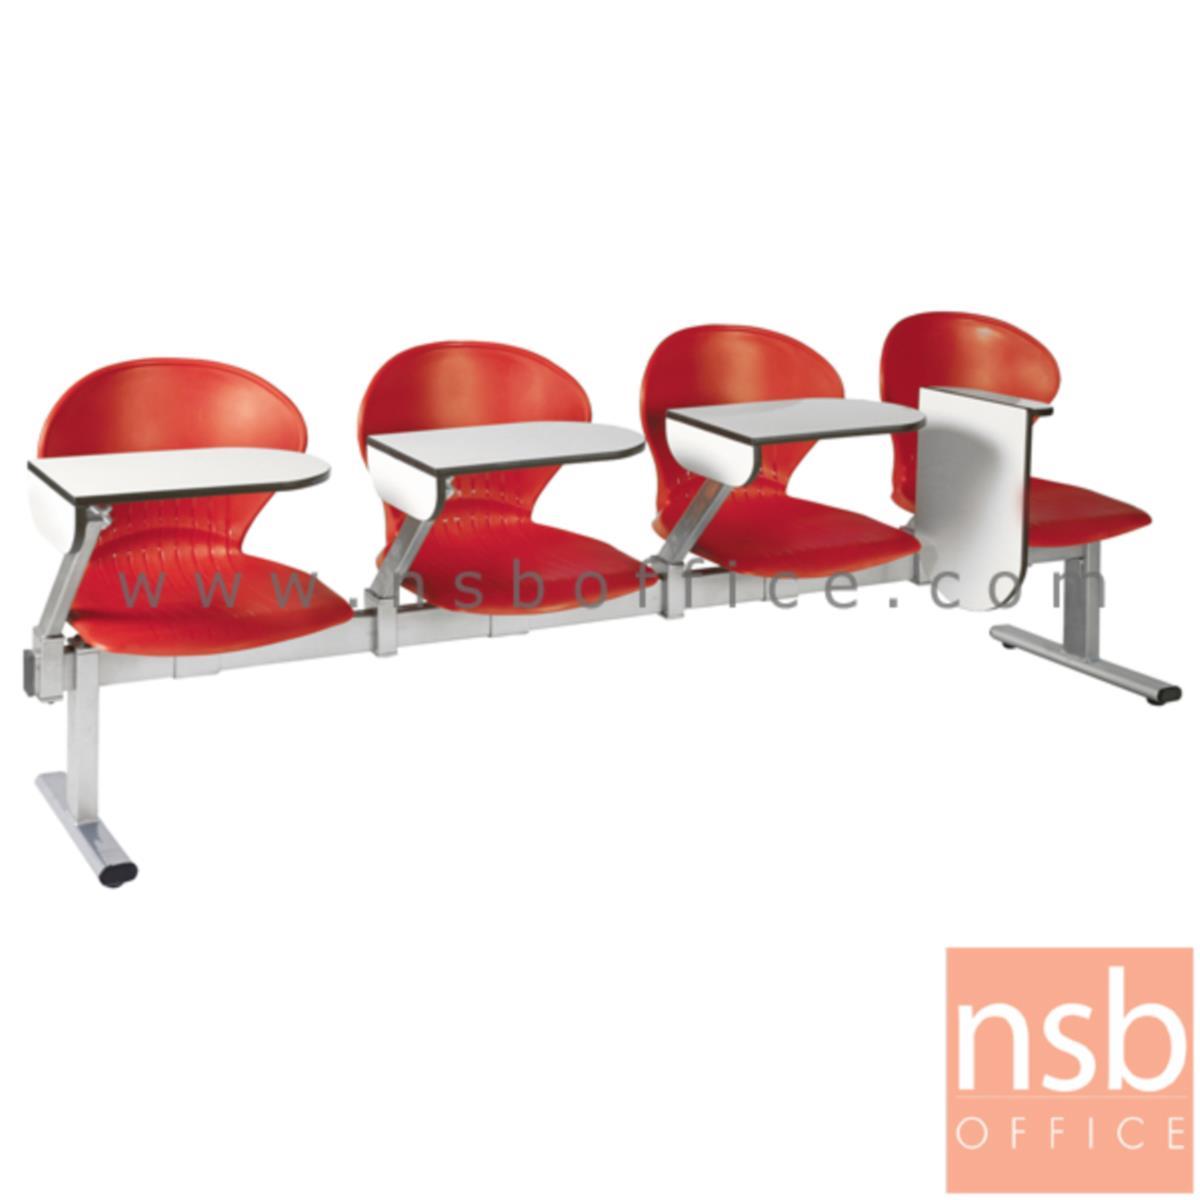 เก้าอี้เลคเชอร์แถวเฟรมโพลี่ รุ่น D876 2 ,3 และ 4 ที่นั่ง ขาเหล็กพ่นสีเทา